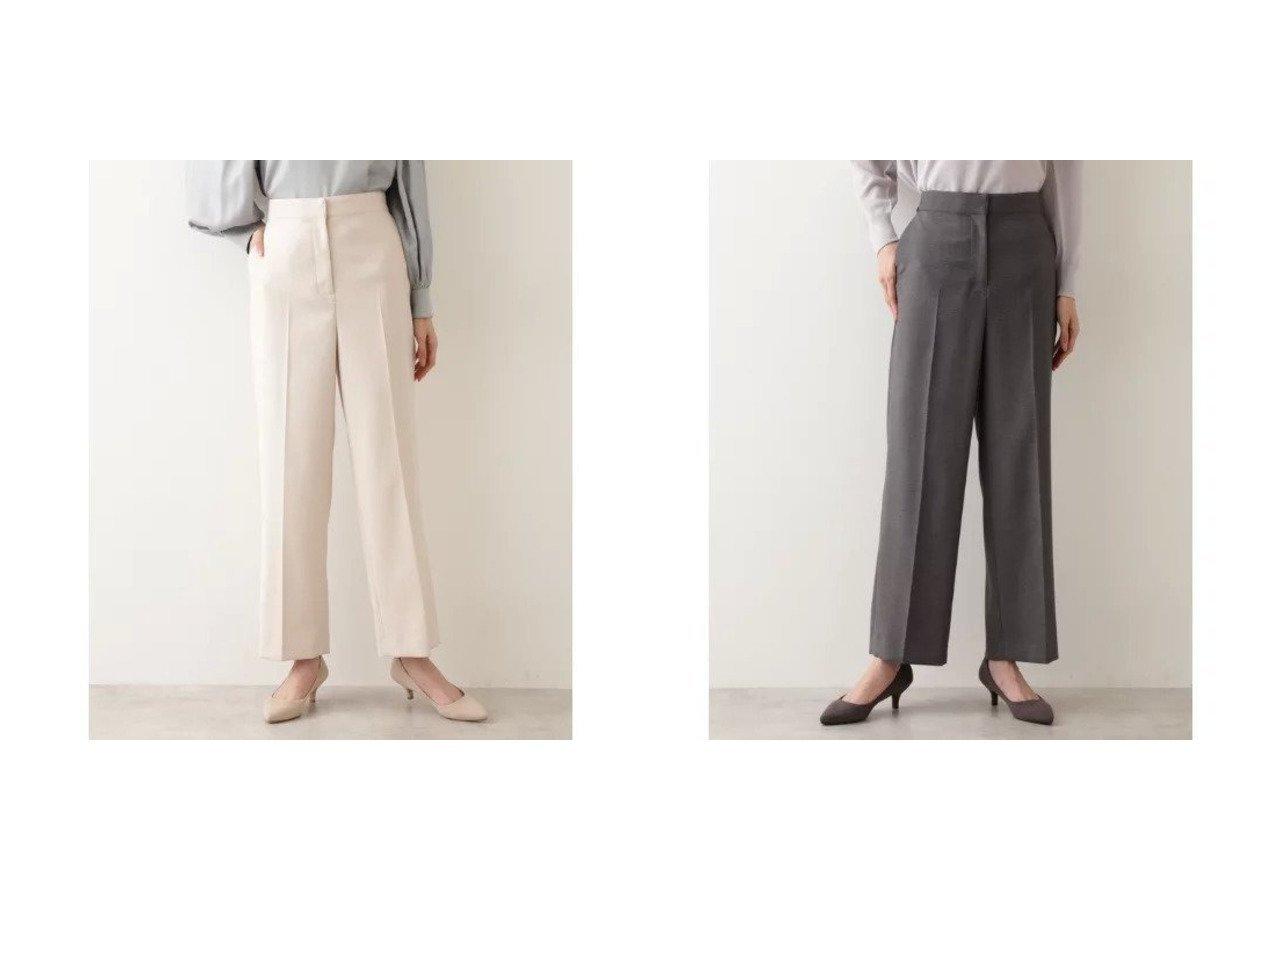 【NATURAL BEAUTY BASIC/ナチュラル ビューティー ベーシック】の[洗える]ダブルクロスストレートワイドパンツ 【パンツ】おすすめ!人気、トレンド・レディースファッションの通販  おすすめで人気の流行・トレンド、ファッションの通販商品 メンズファッション・キッズファッション・インテリア・家具・レディースファッション・服の通販 founy(ファニー) https://founy.com/ ファッション Fashion レディースファッション WOMEN パンツ Pants おすすめ Recommend スタンダード ストレッチ ストレート センター ダブル ワイド 洗える |ID:crp329100000027822